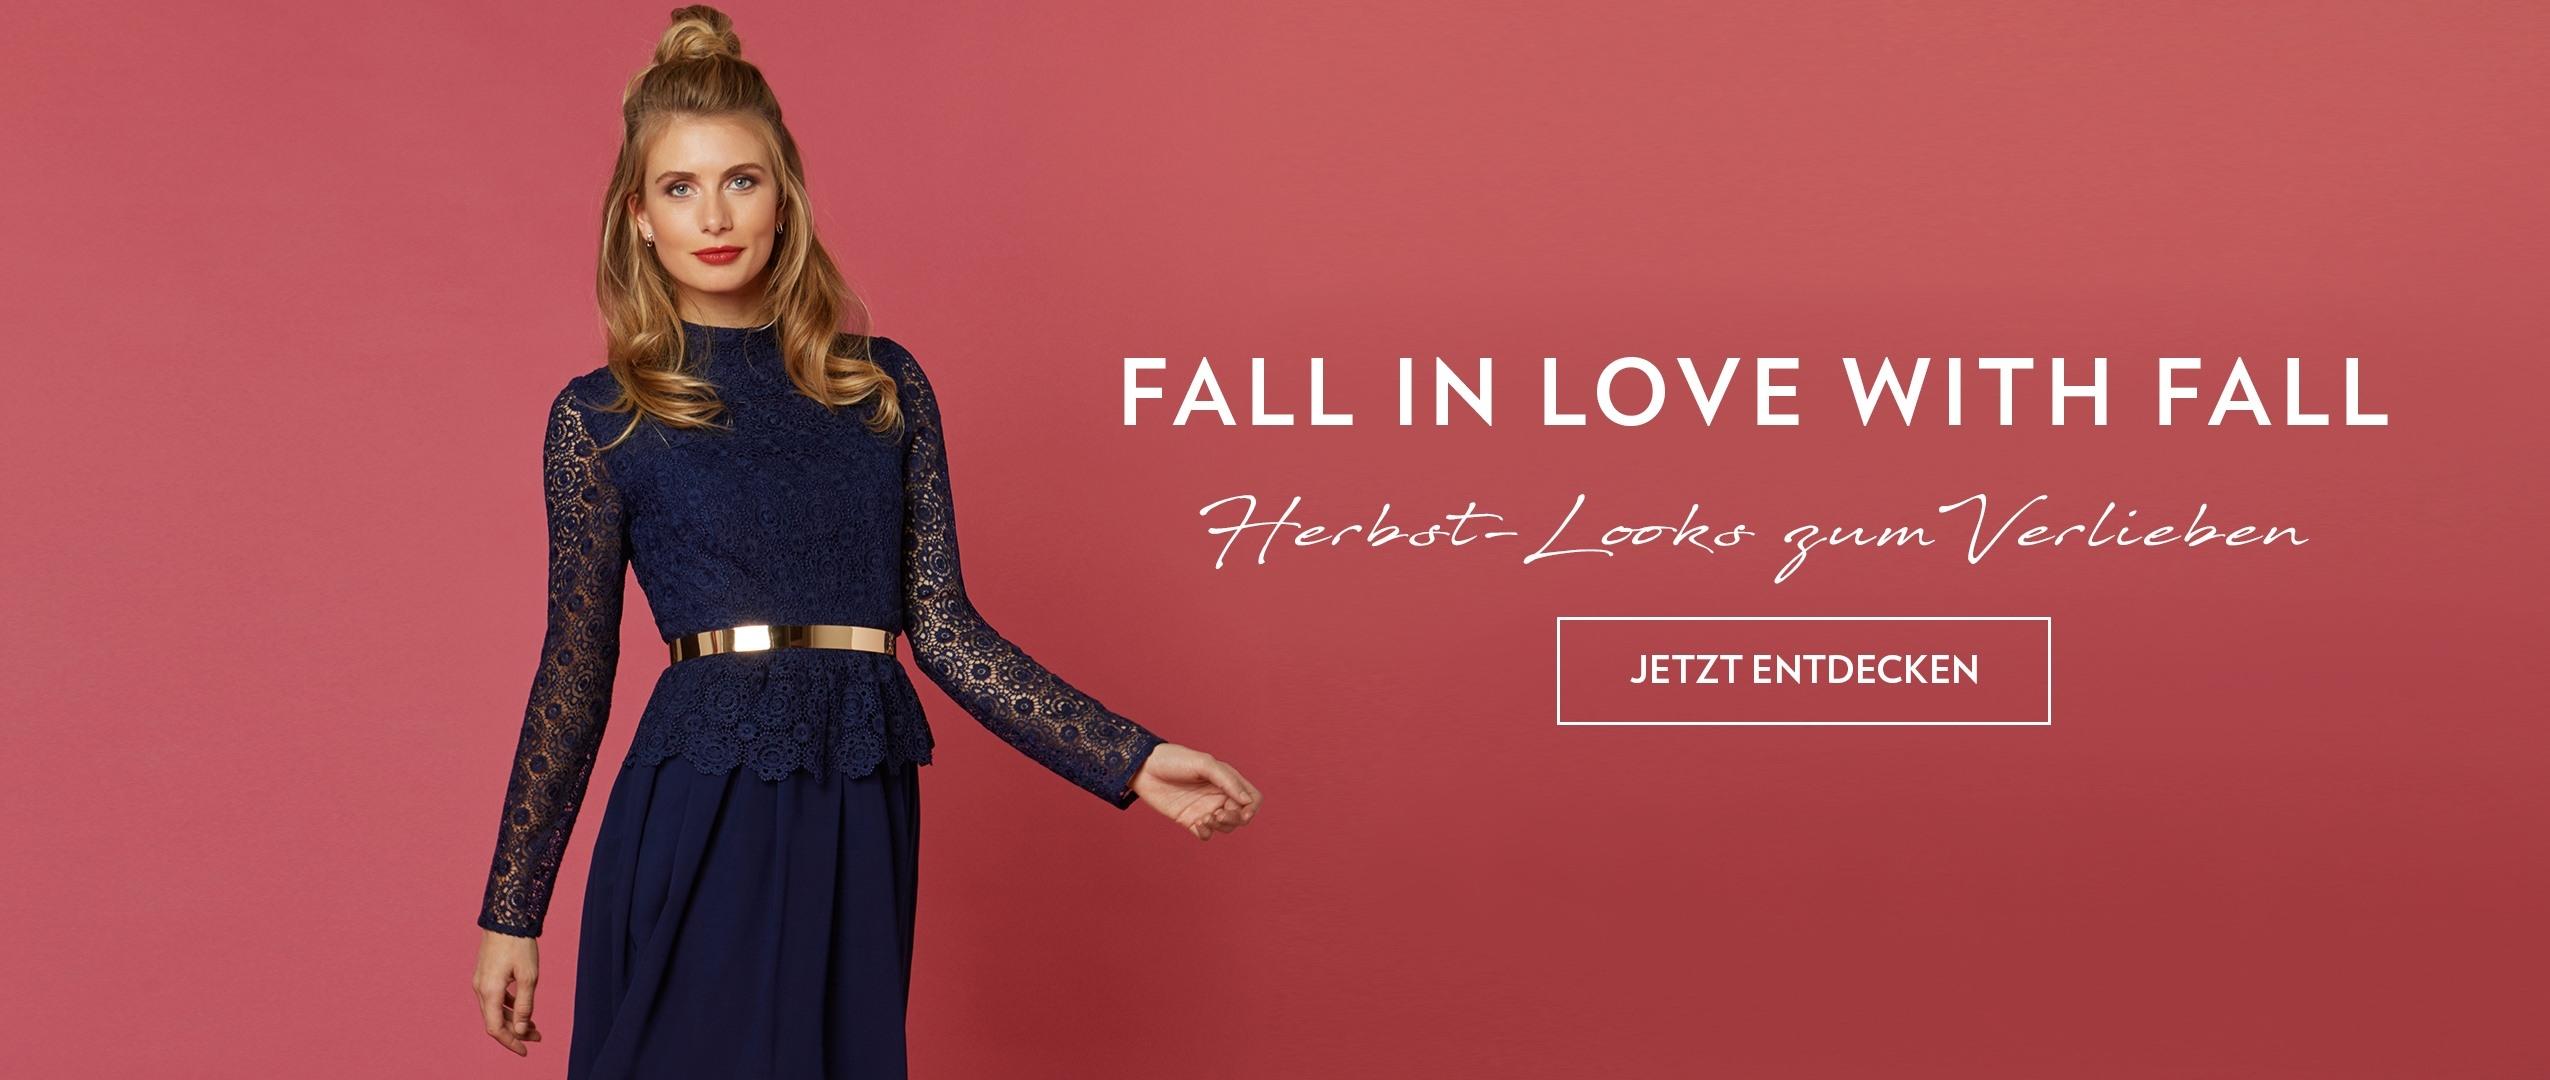 13 Fantastisch Kniebedeckte Kleider Boutique Leicht Kniebedeckte Kleider Galerie